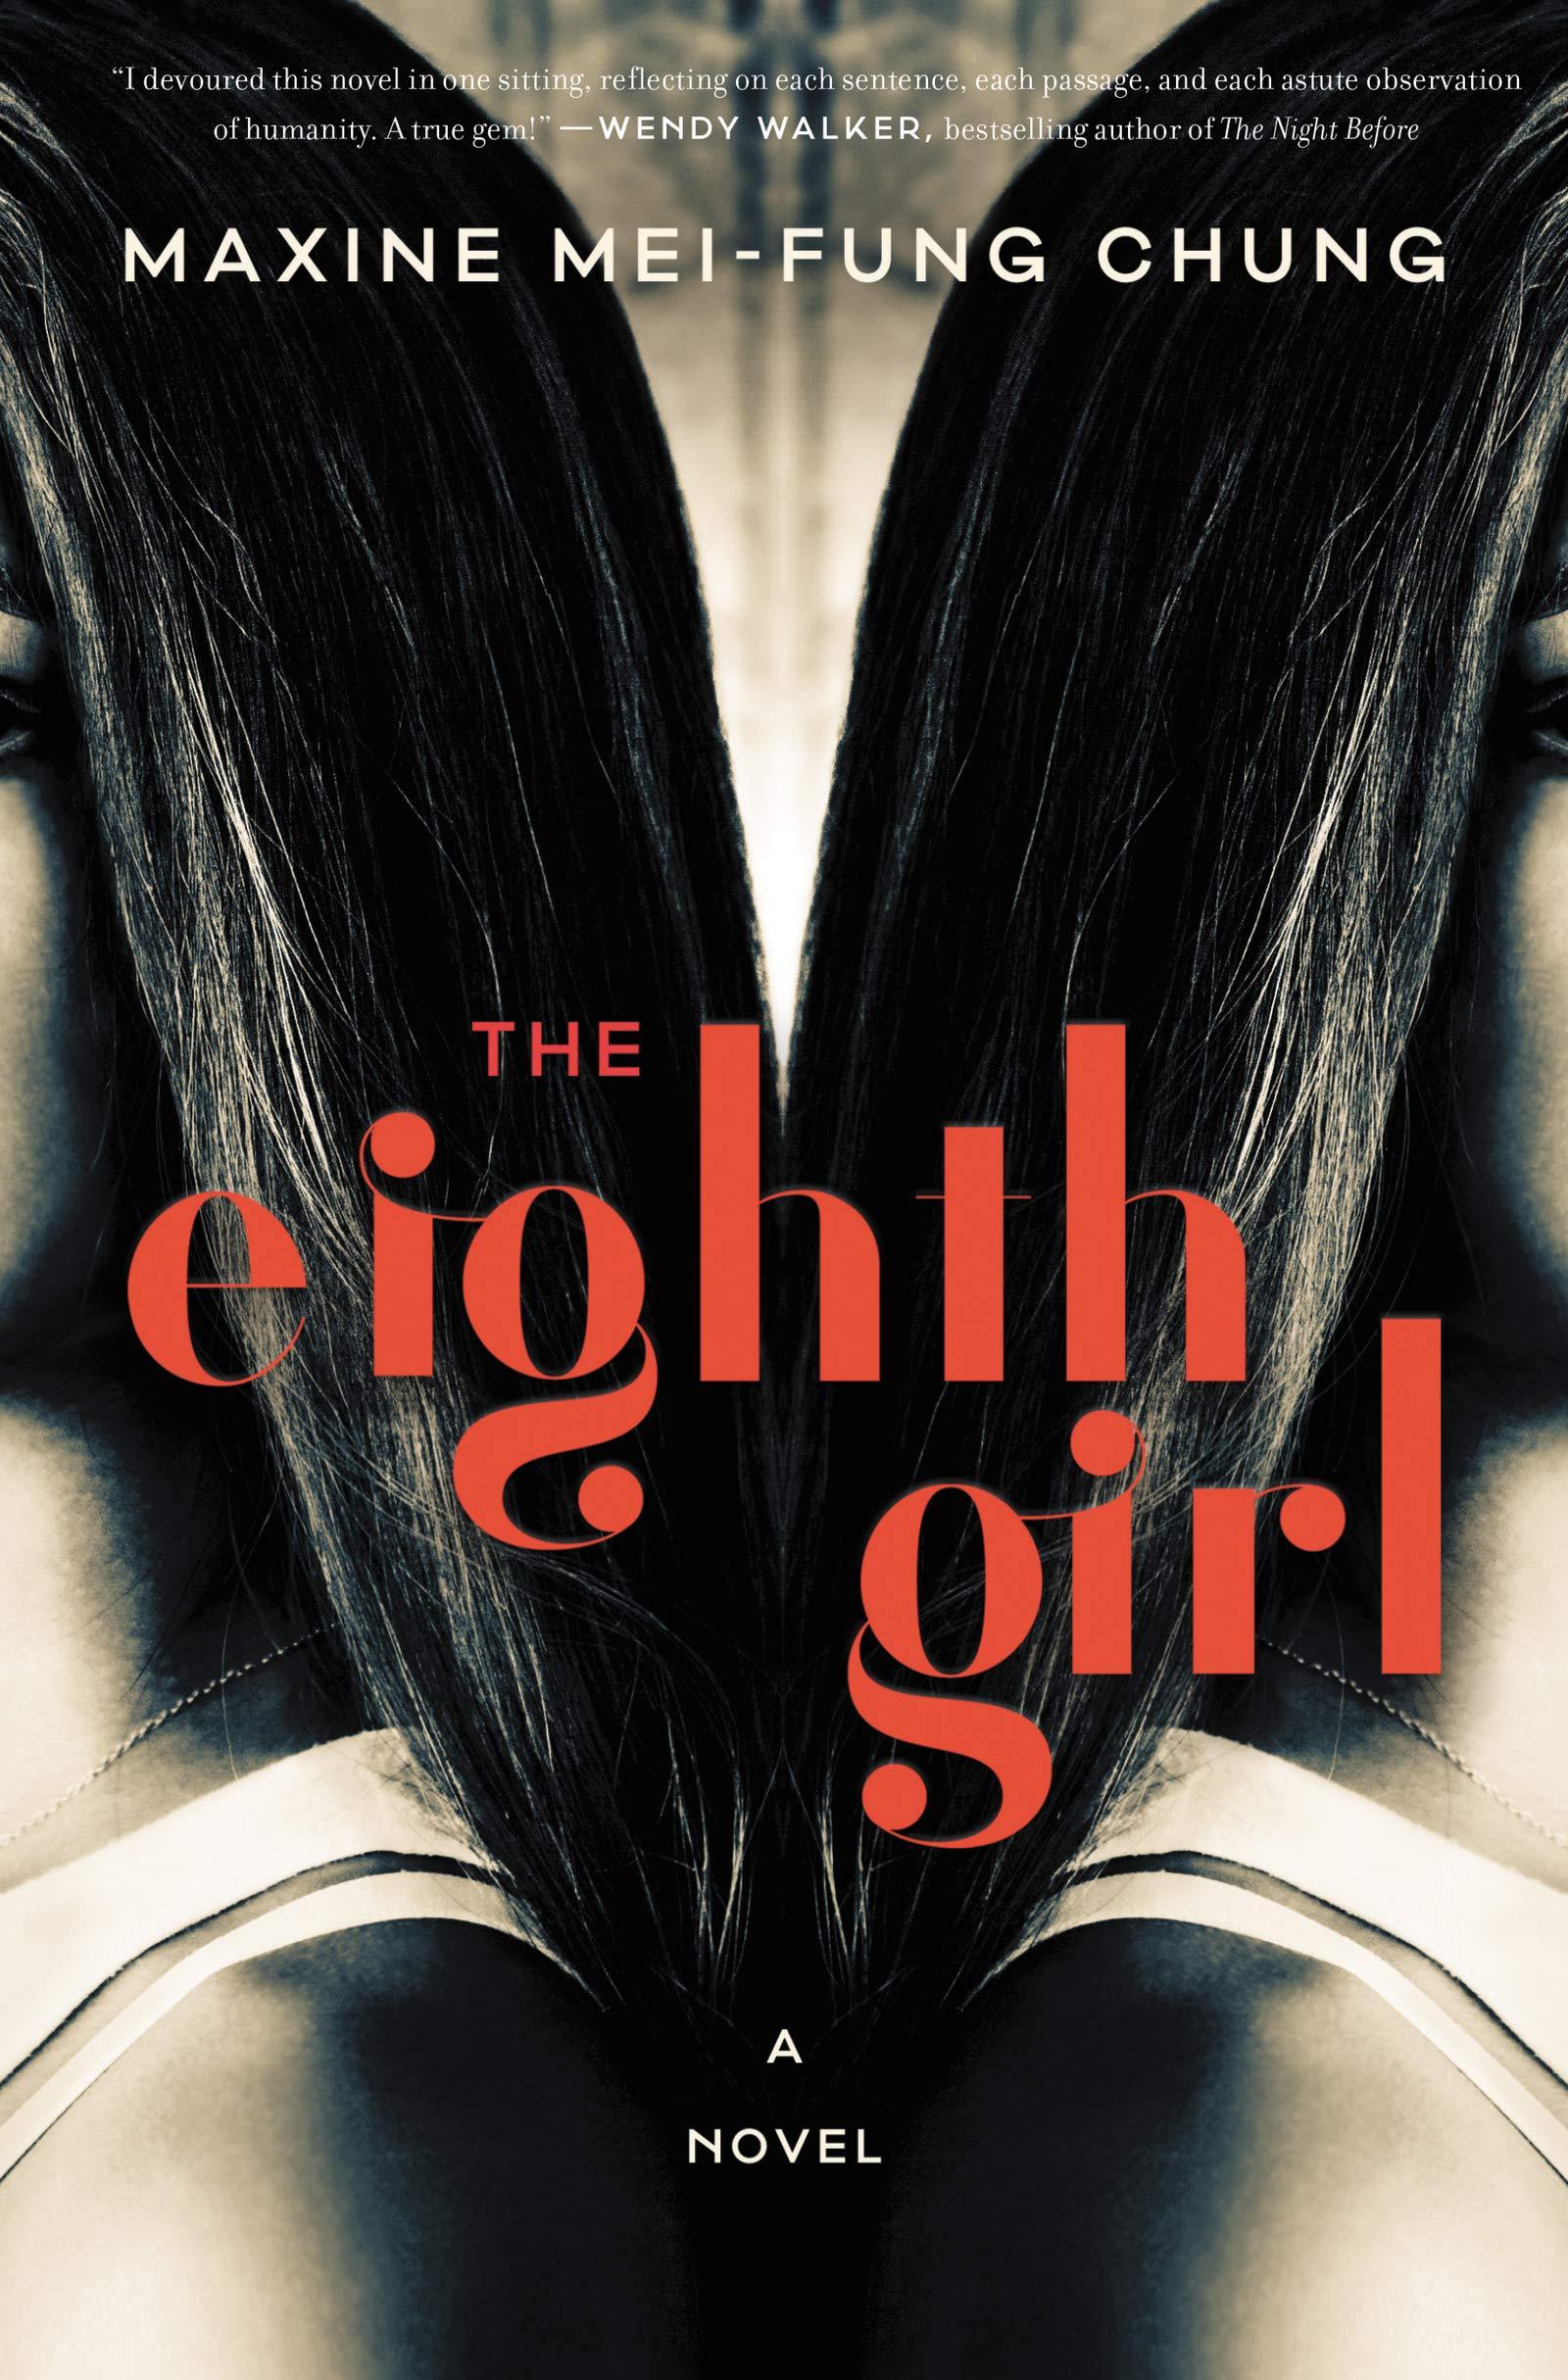 The Eighth Girl: A Novel